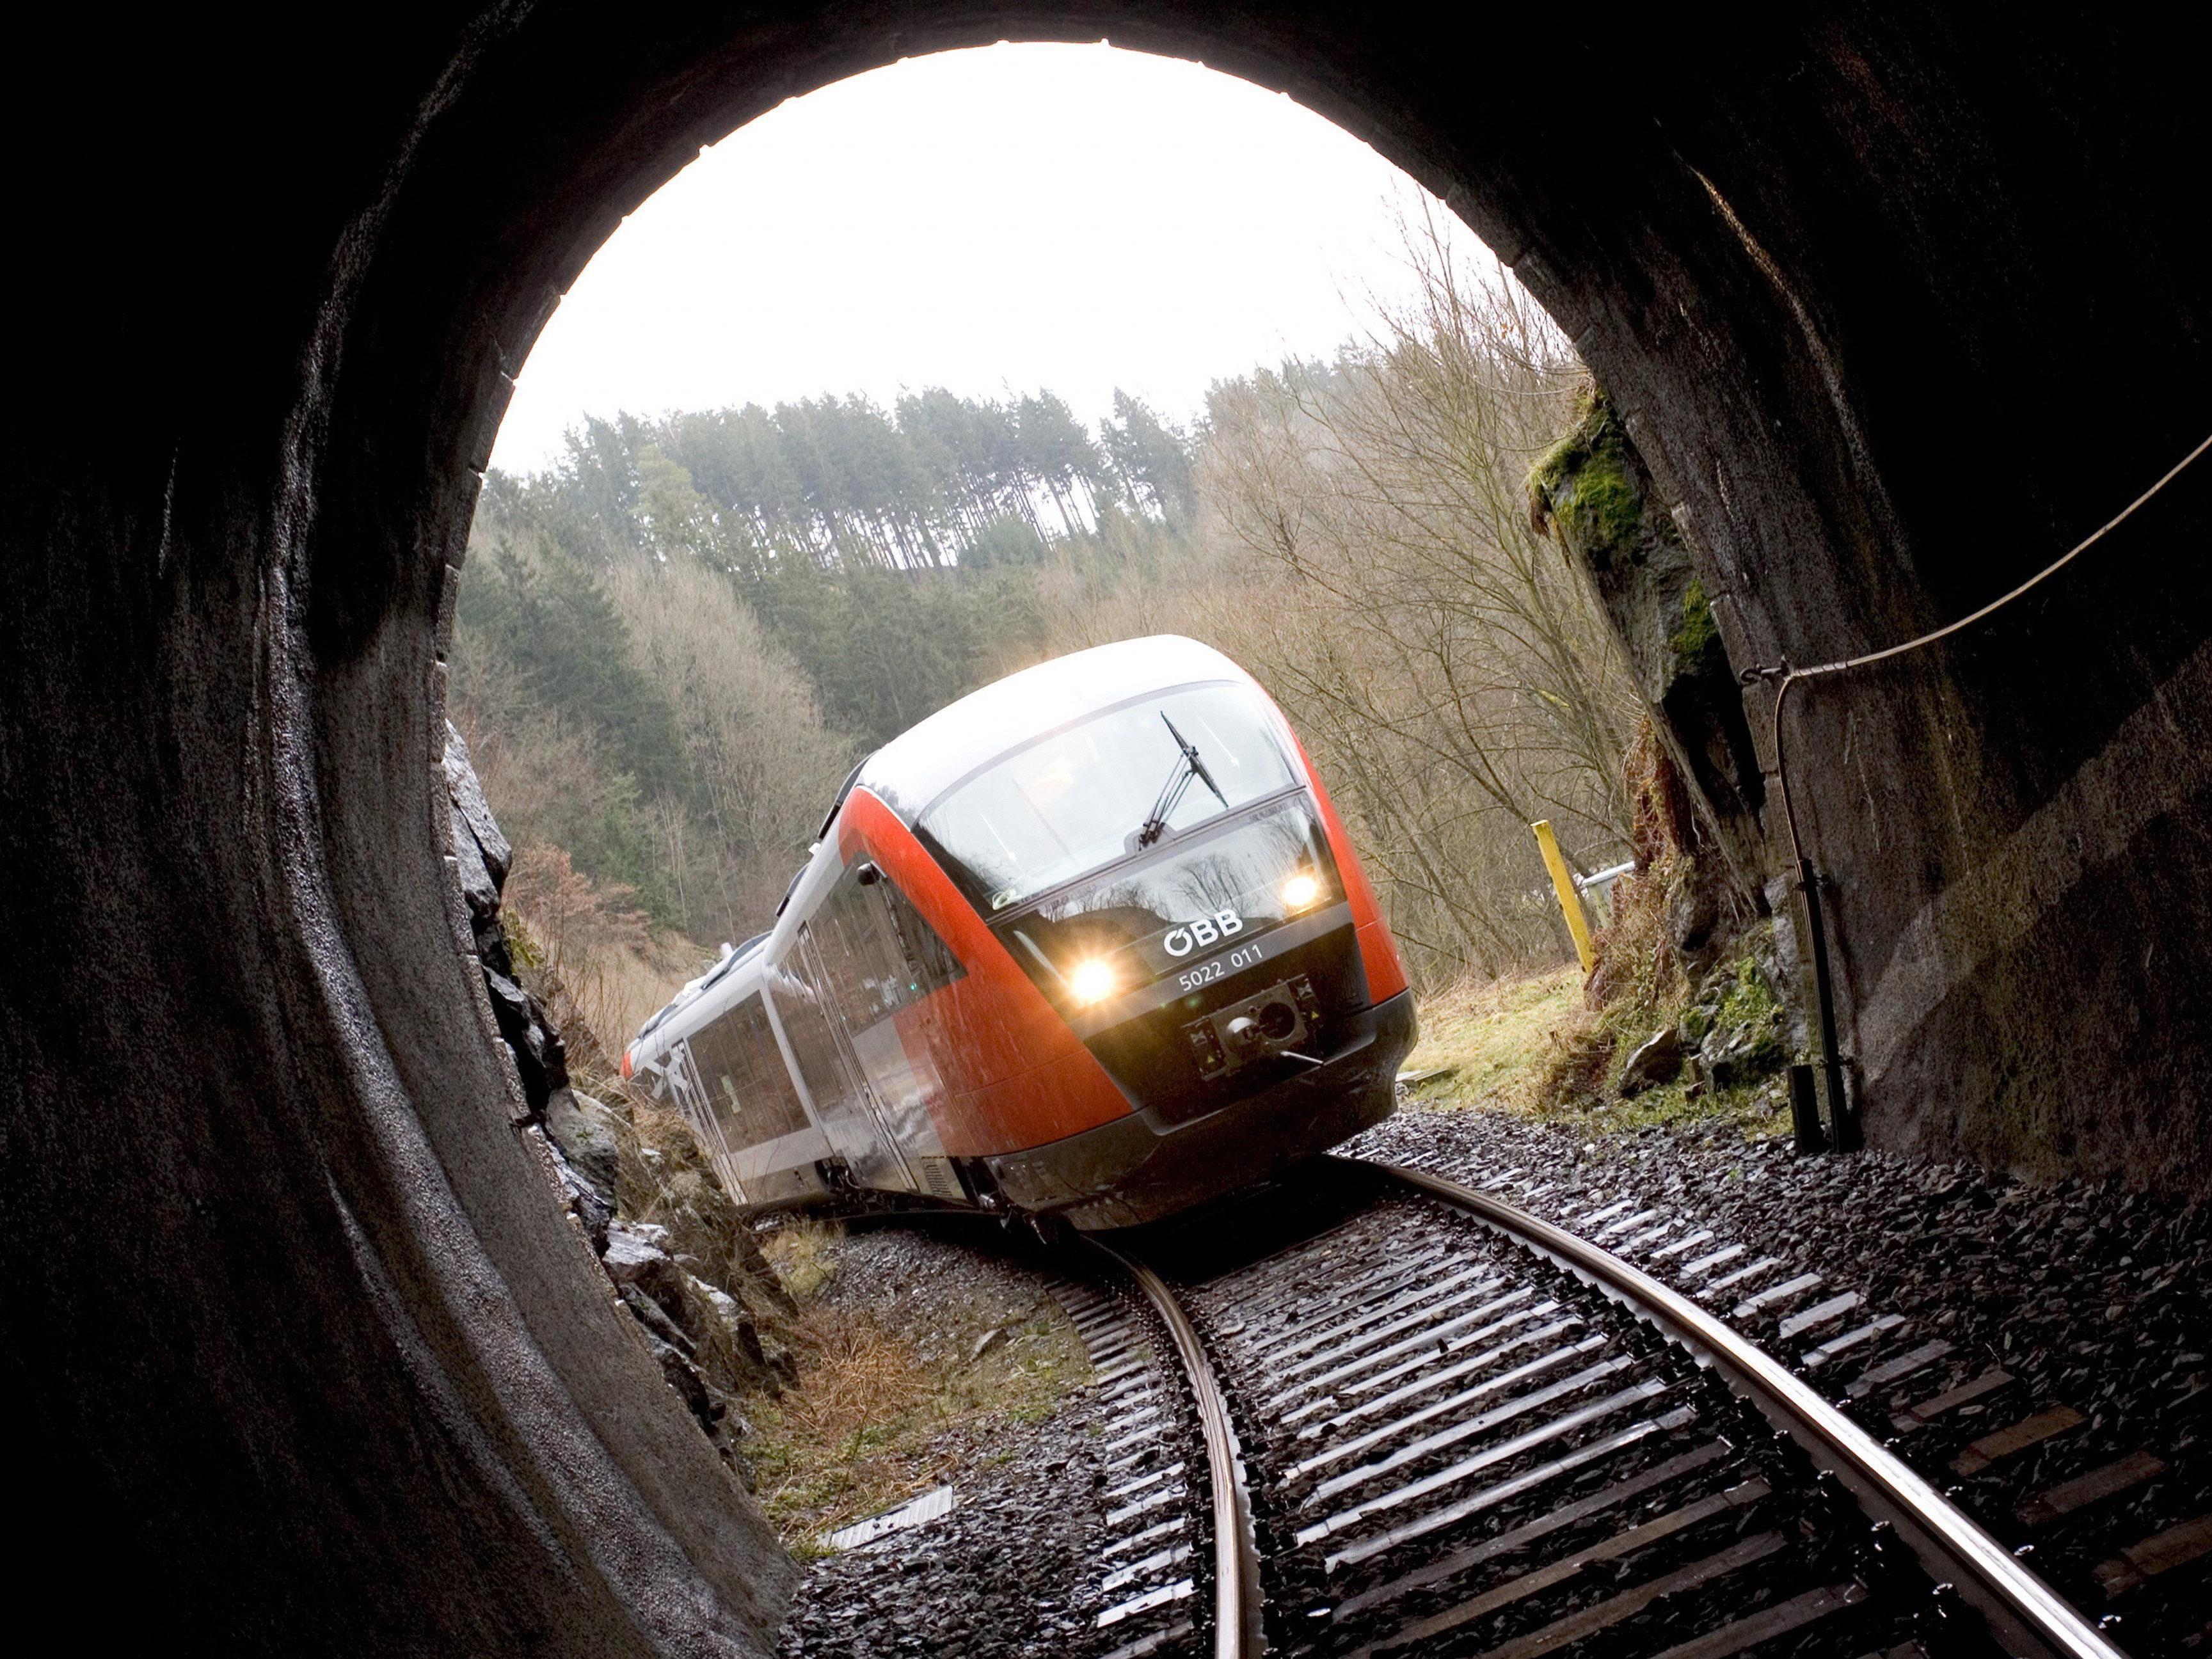 Gefunden wurde die mumifizierte Leiche in der Nische eines Bahntunnels.